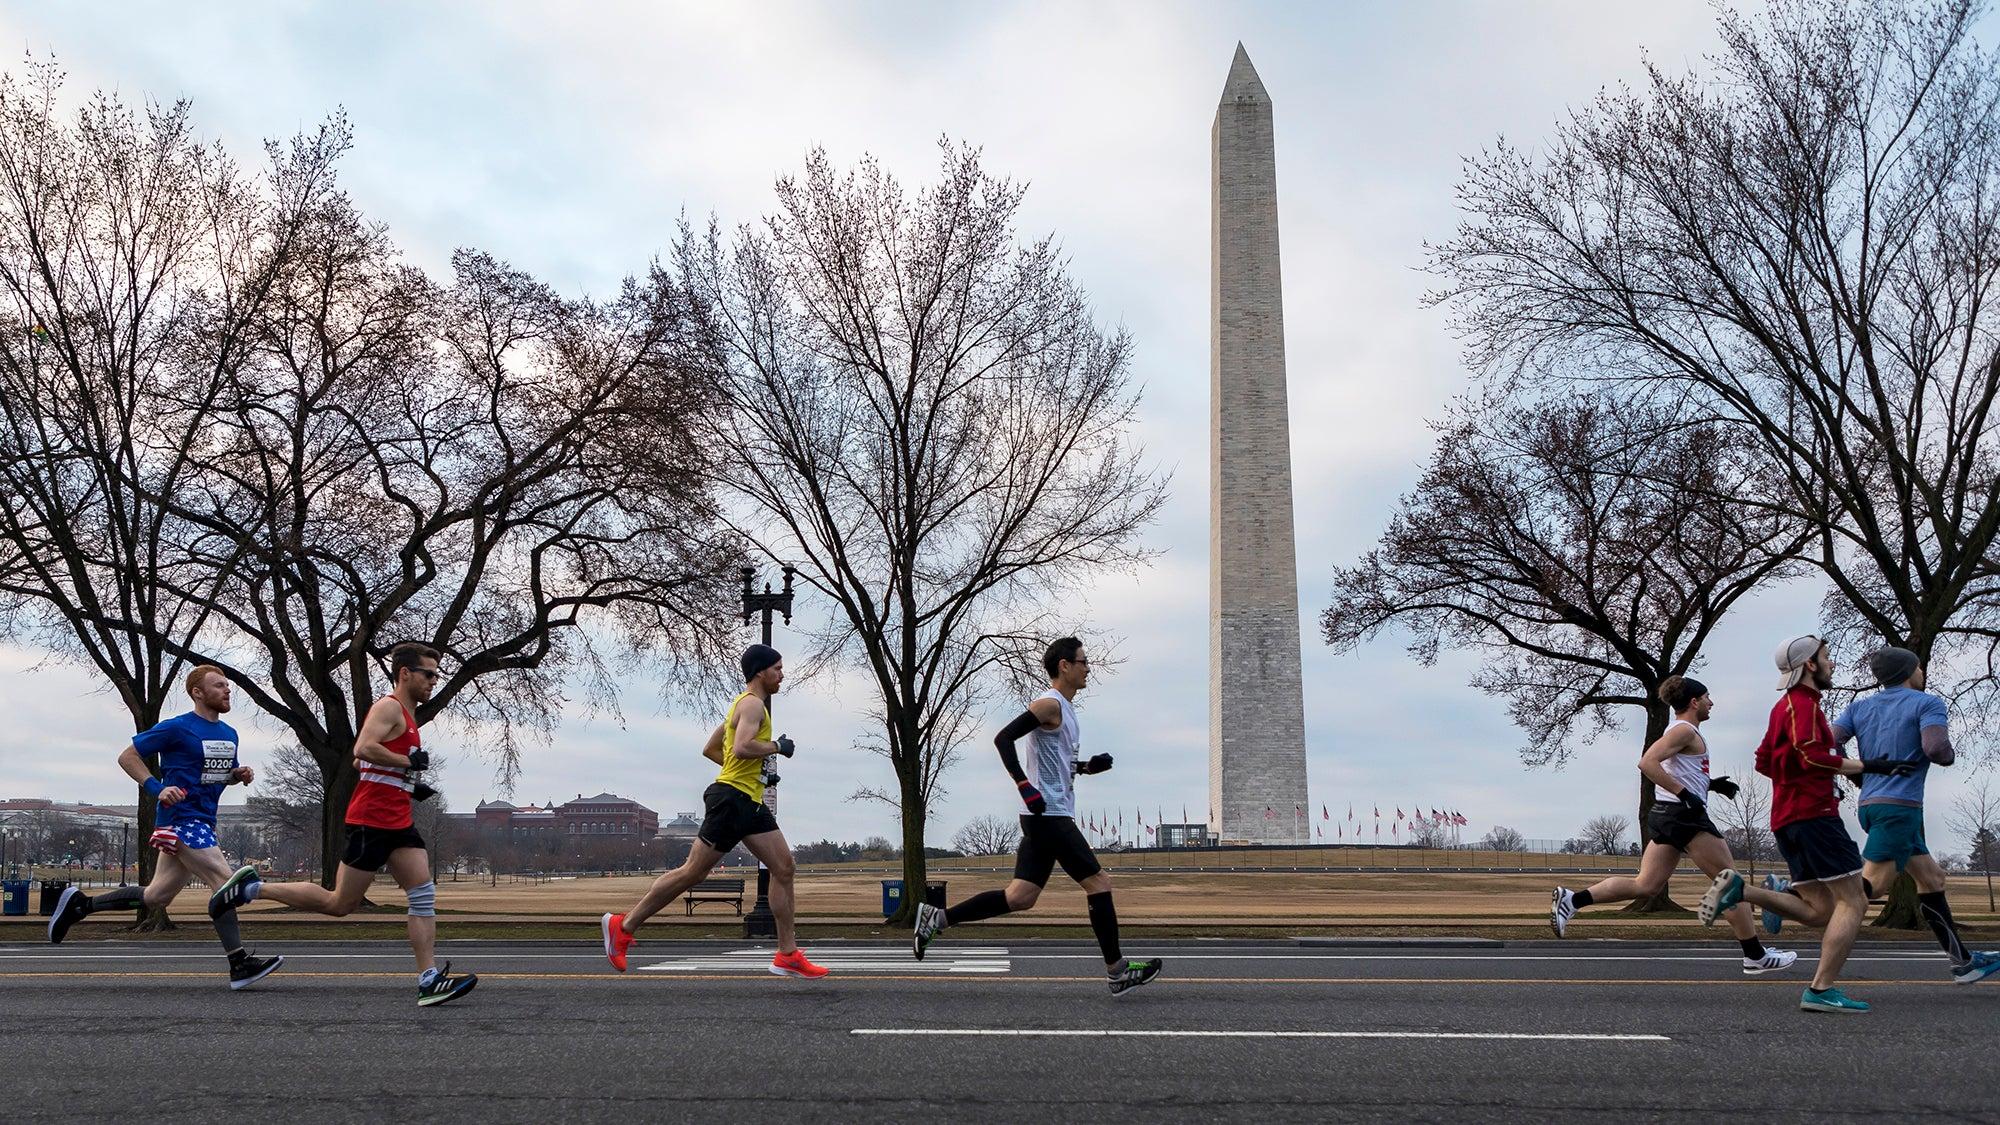 runners in a half marathon